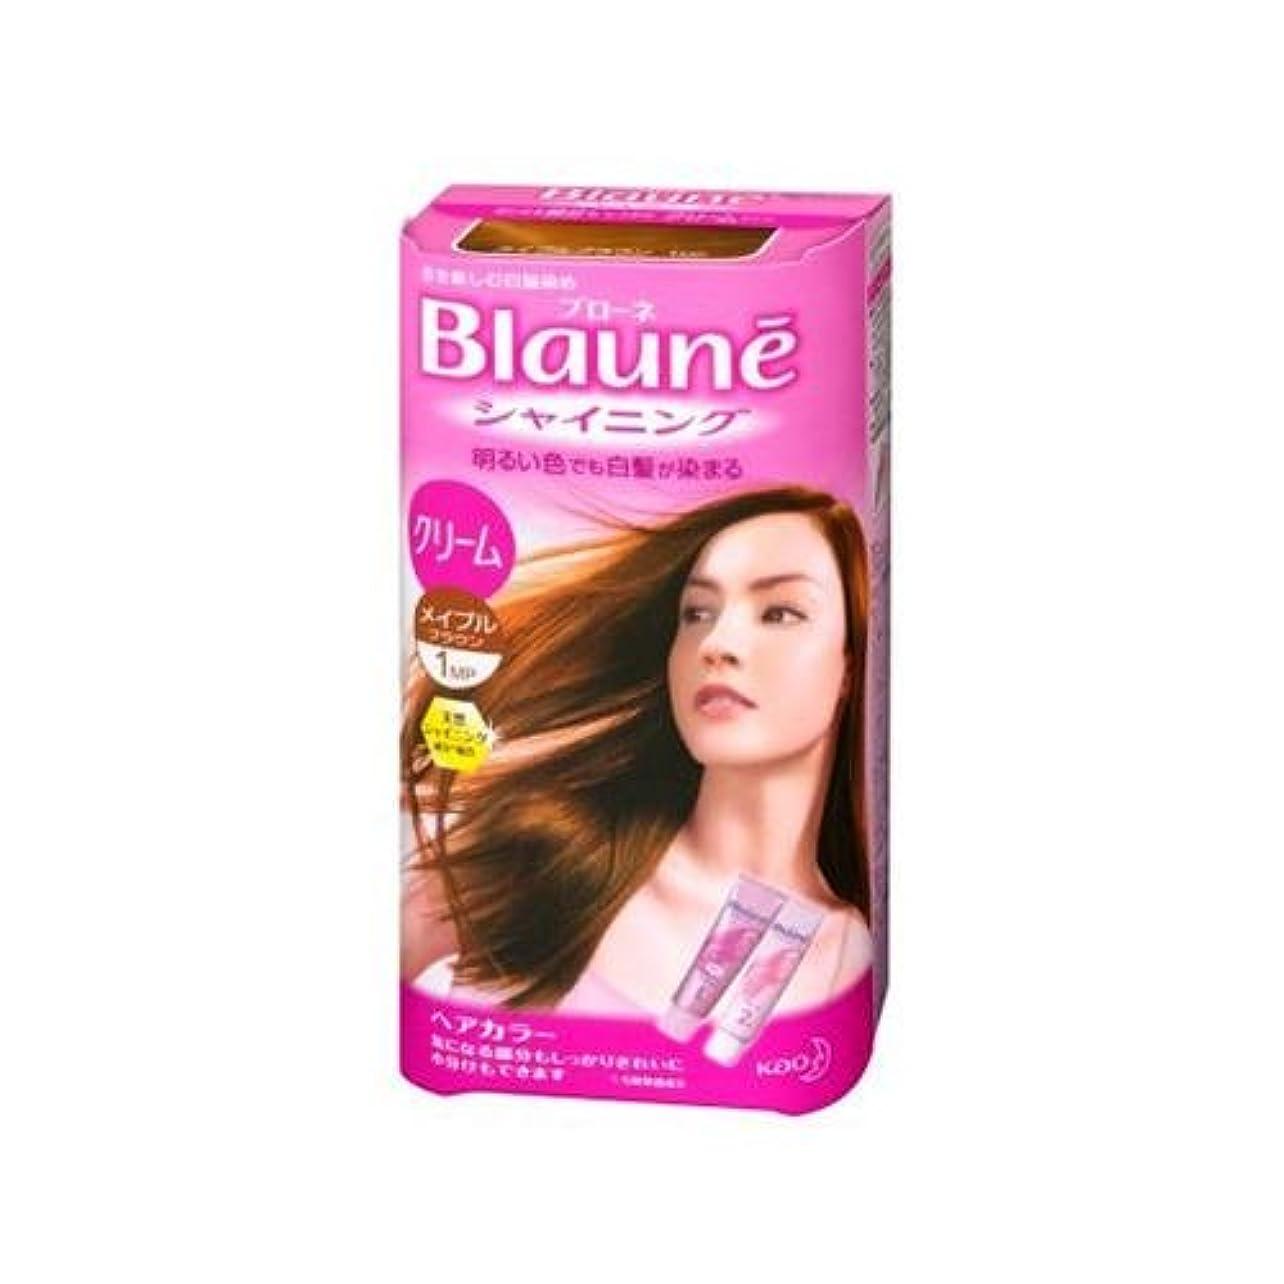 ビジター卵余分な花王 ブローネ シャイニングヘアカラー クリーム 1剤50g/2剤50g(医薬部外品)《各50g》<カラー:メイプルBR>